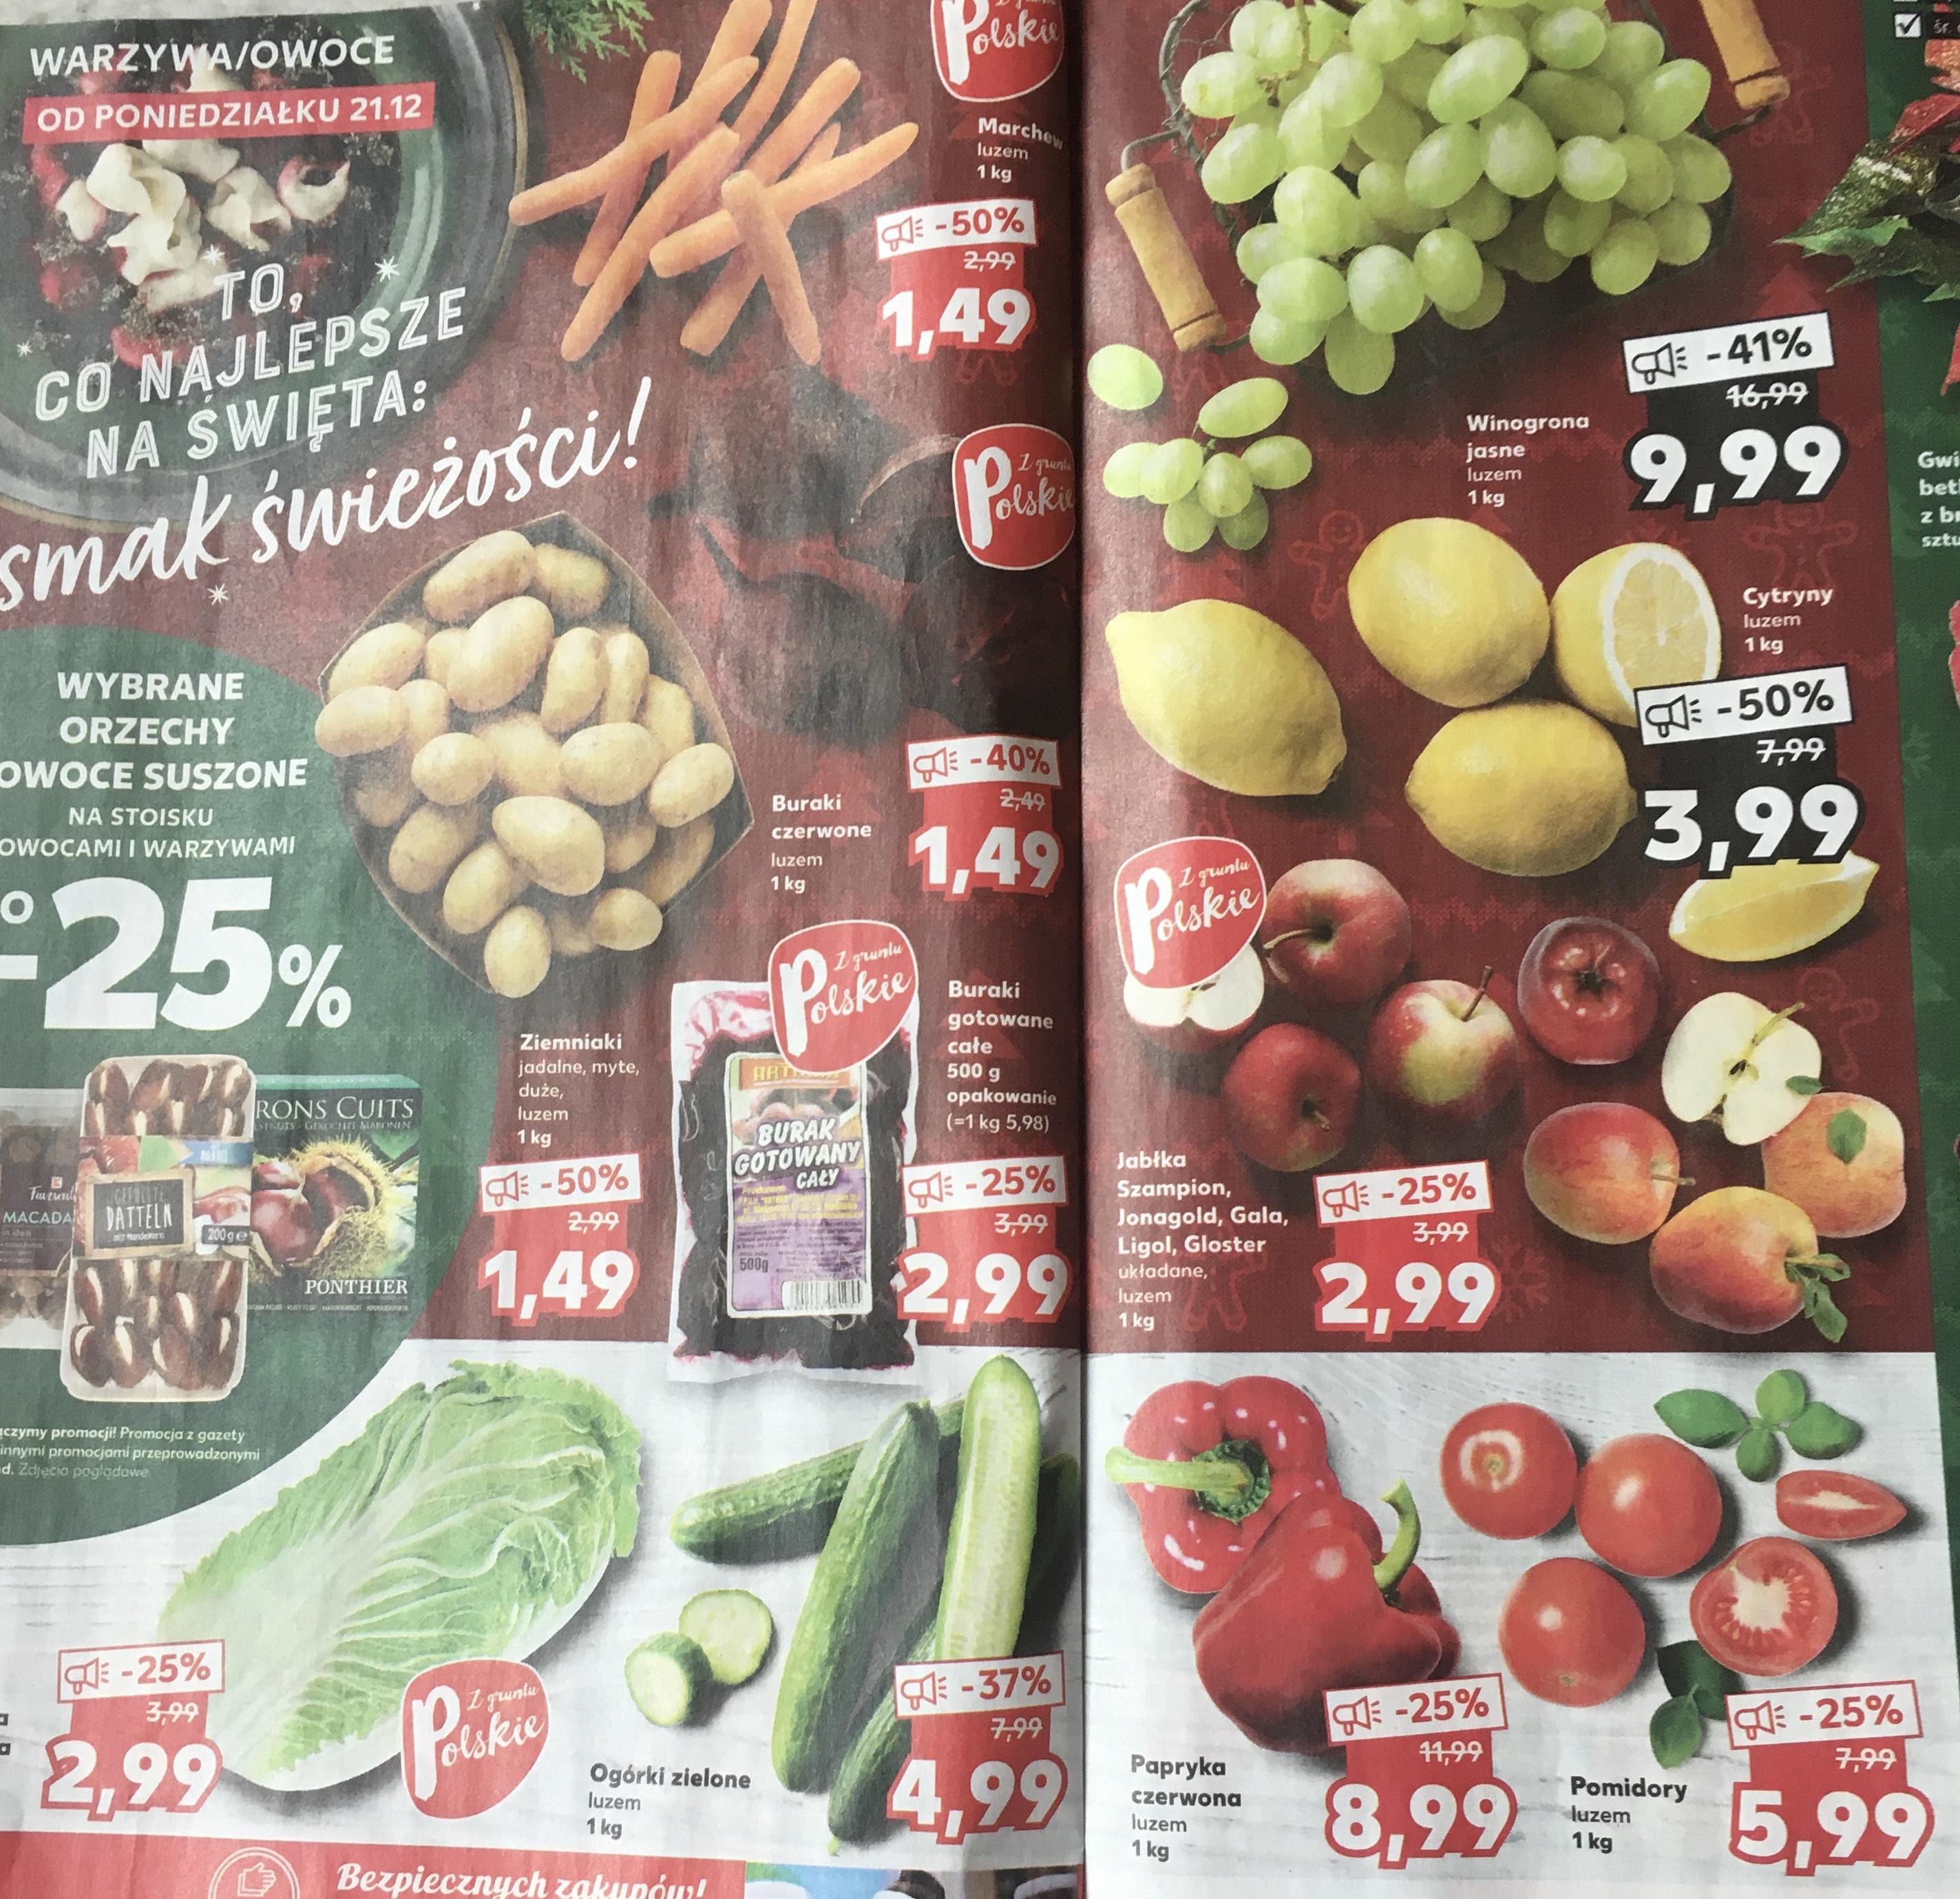 Zbiorcza owoce , warzywa w Kaufland taniej